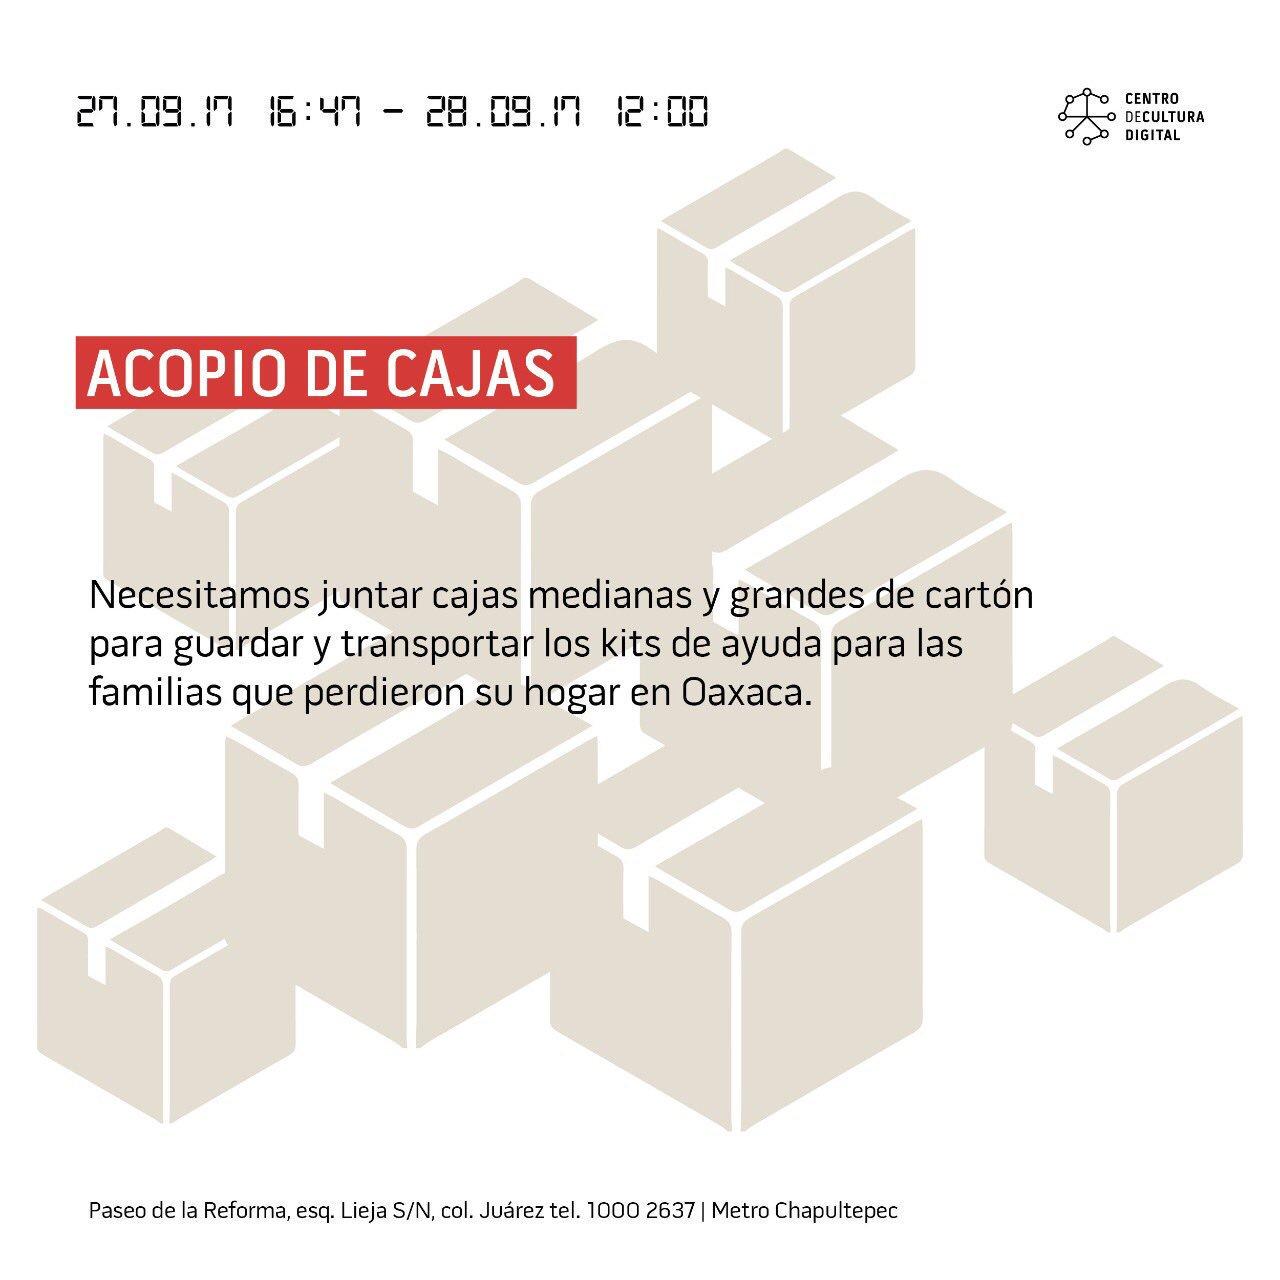 El @CCDmx necesita cajas para los kits de ayuda que están armando para enviar a Oaxaca. ❤️  ��  RT #FuerzaMéxico https://t.co/2peCG1WKrq